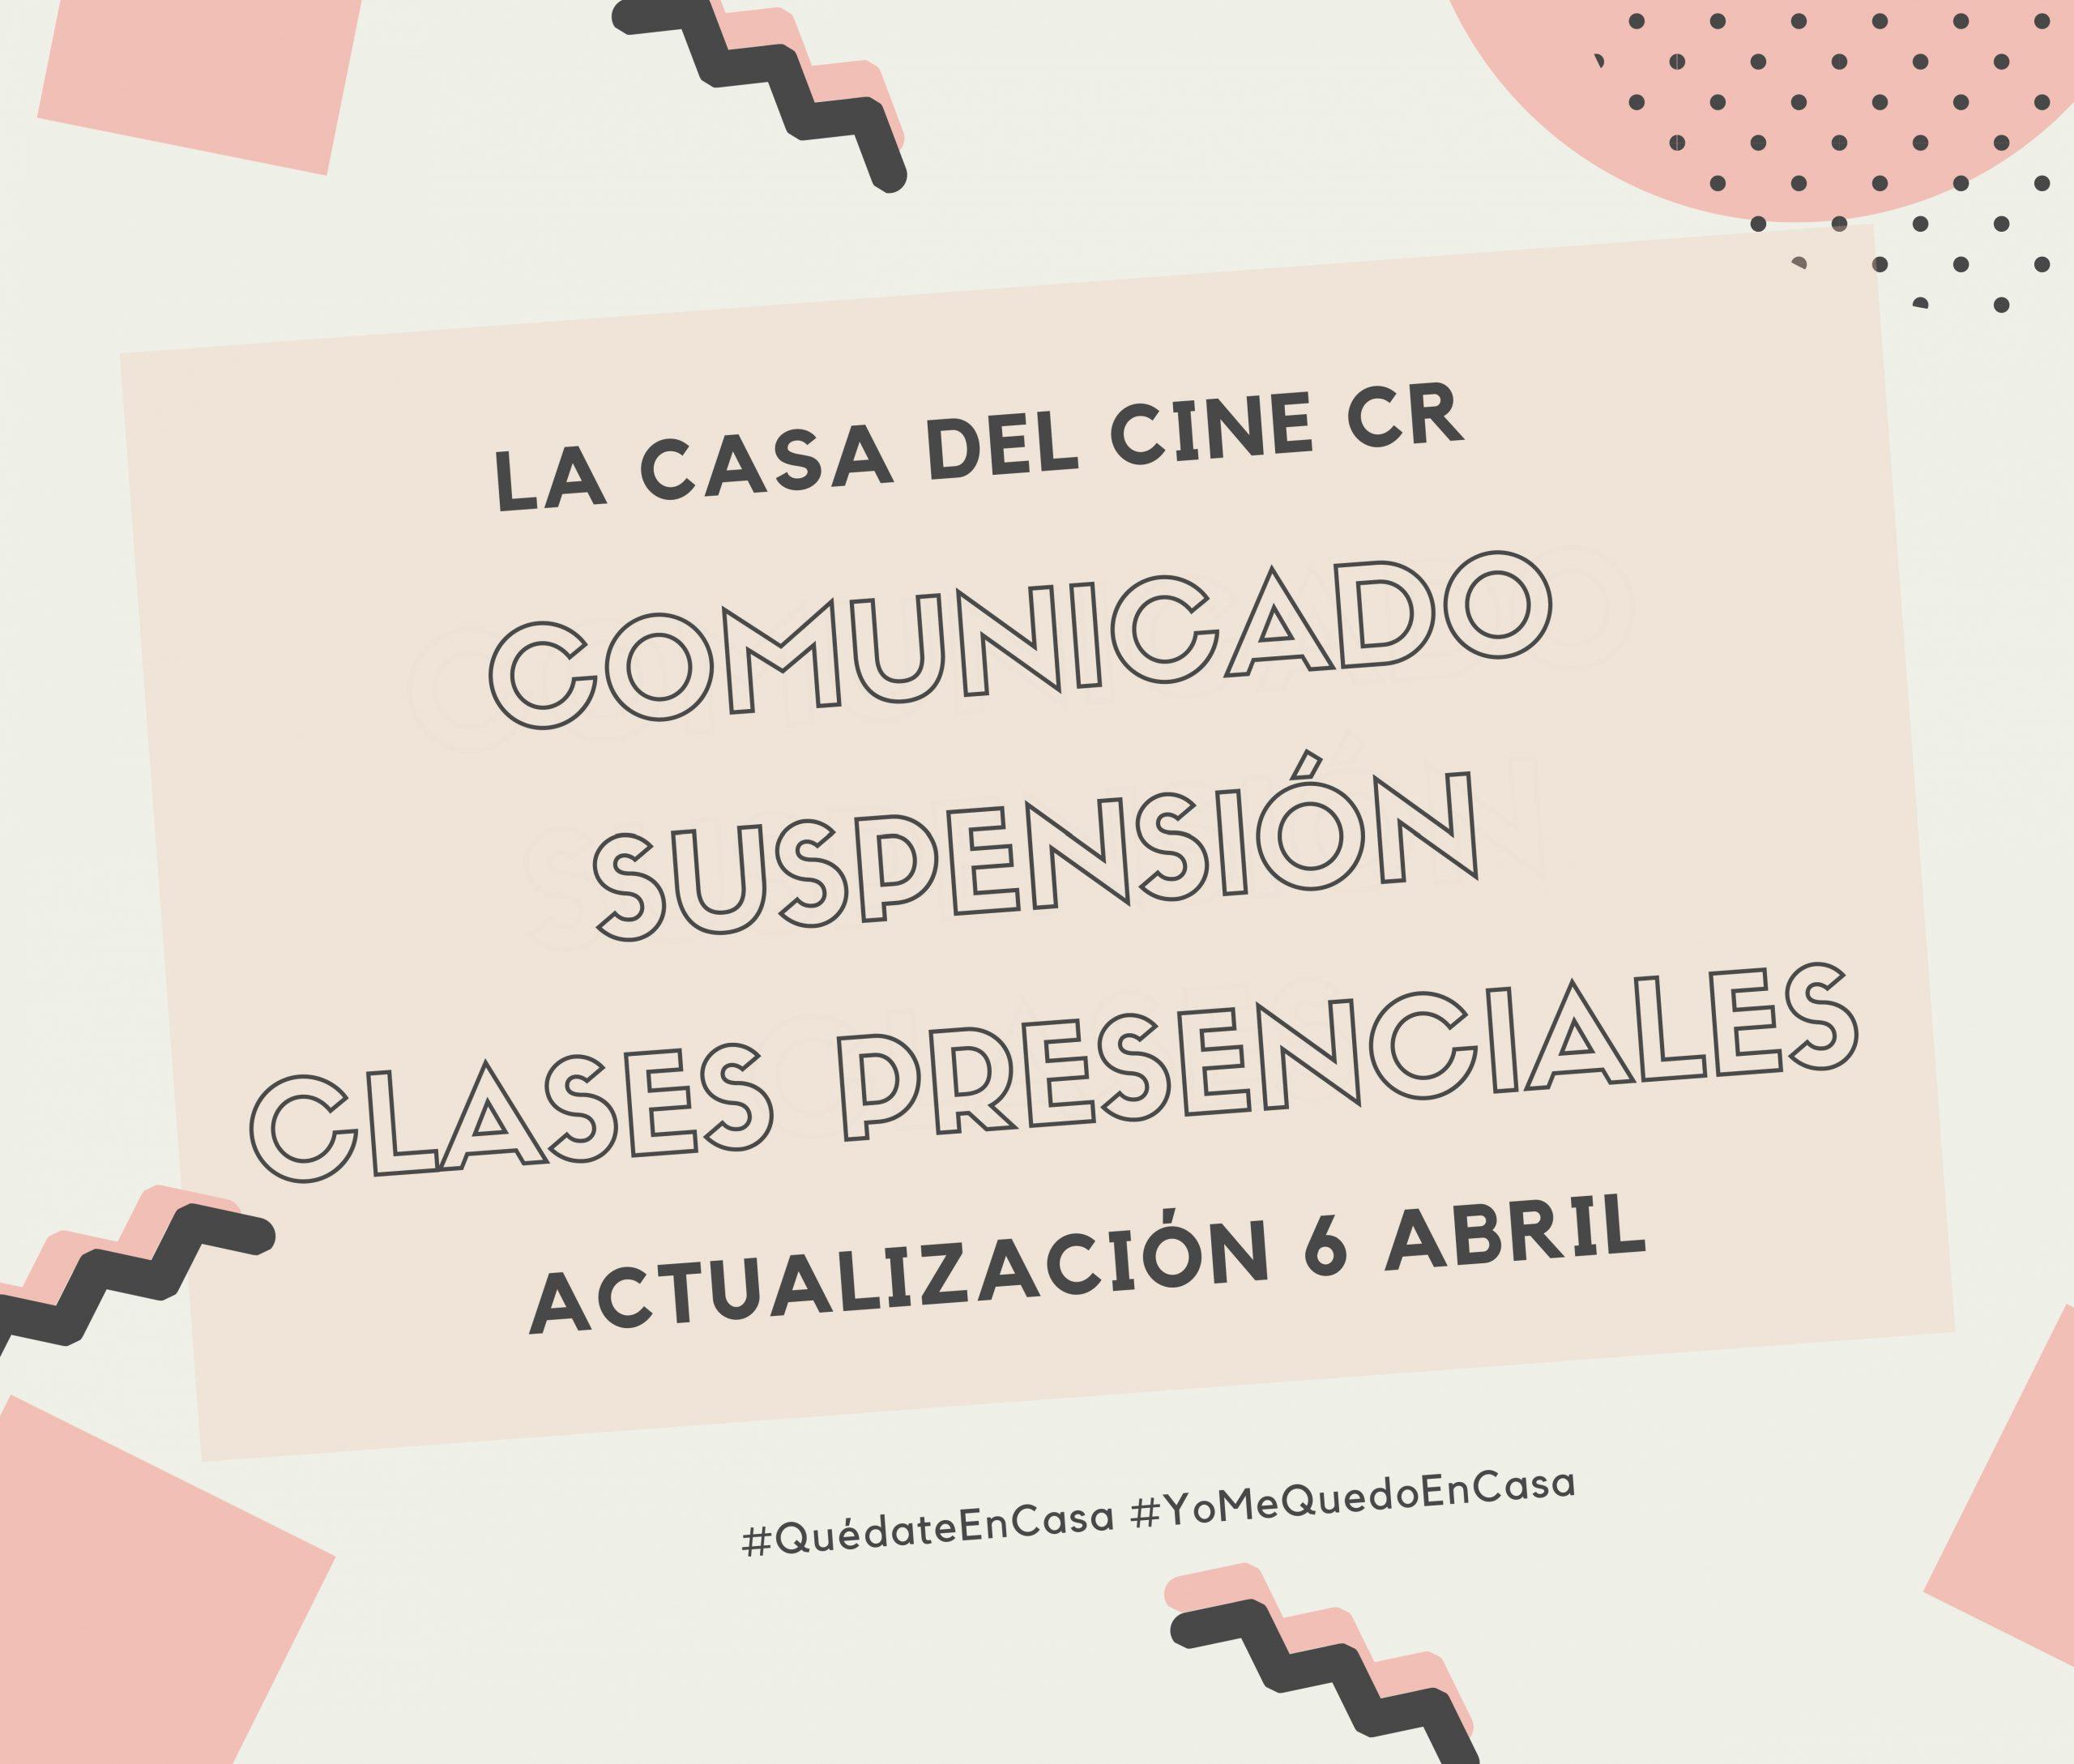 Comunicado // Suspensión clases presenciales